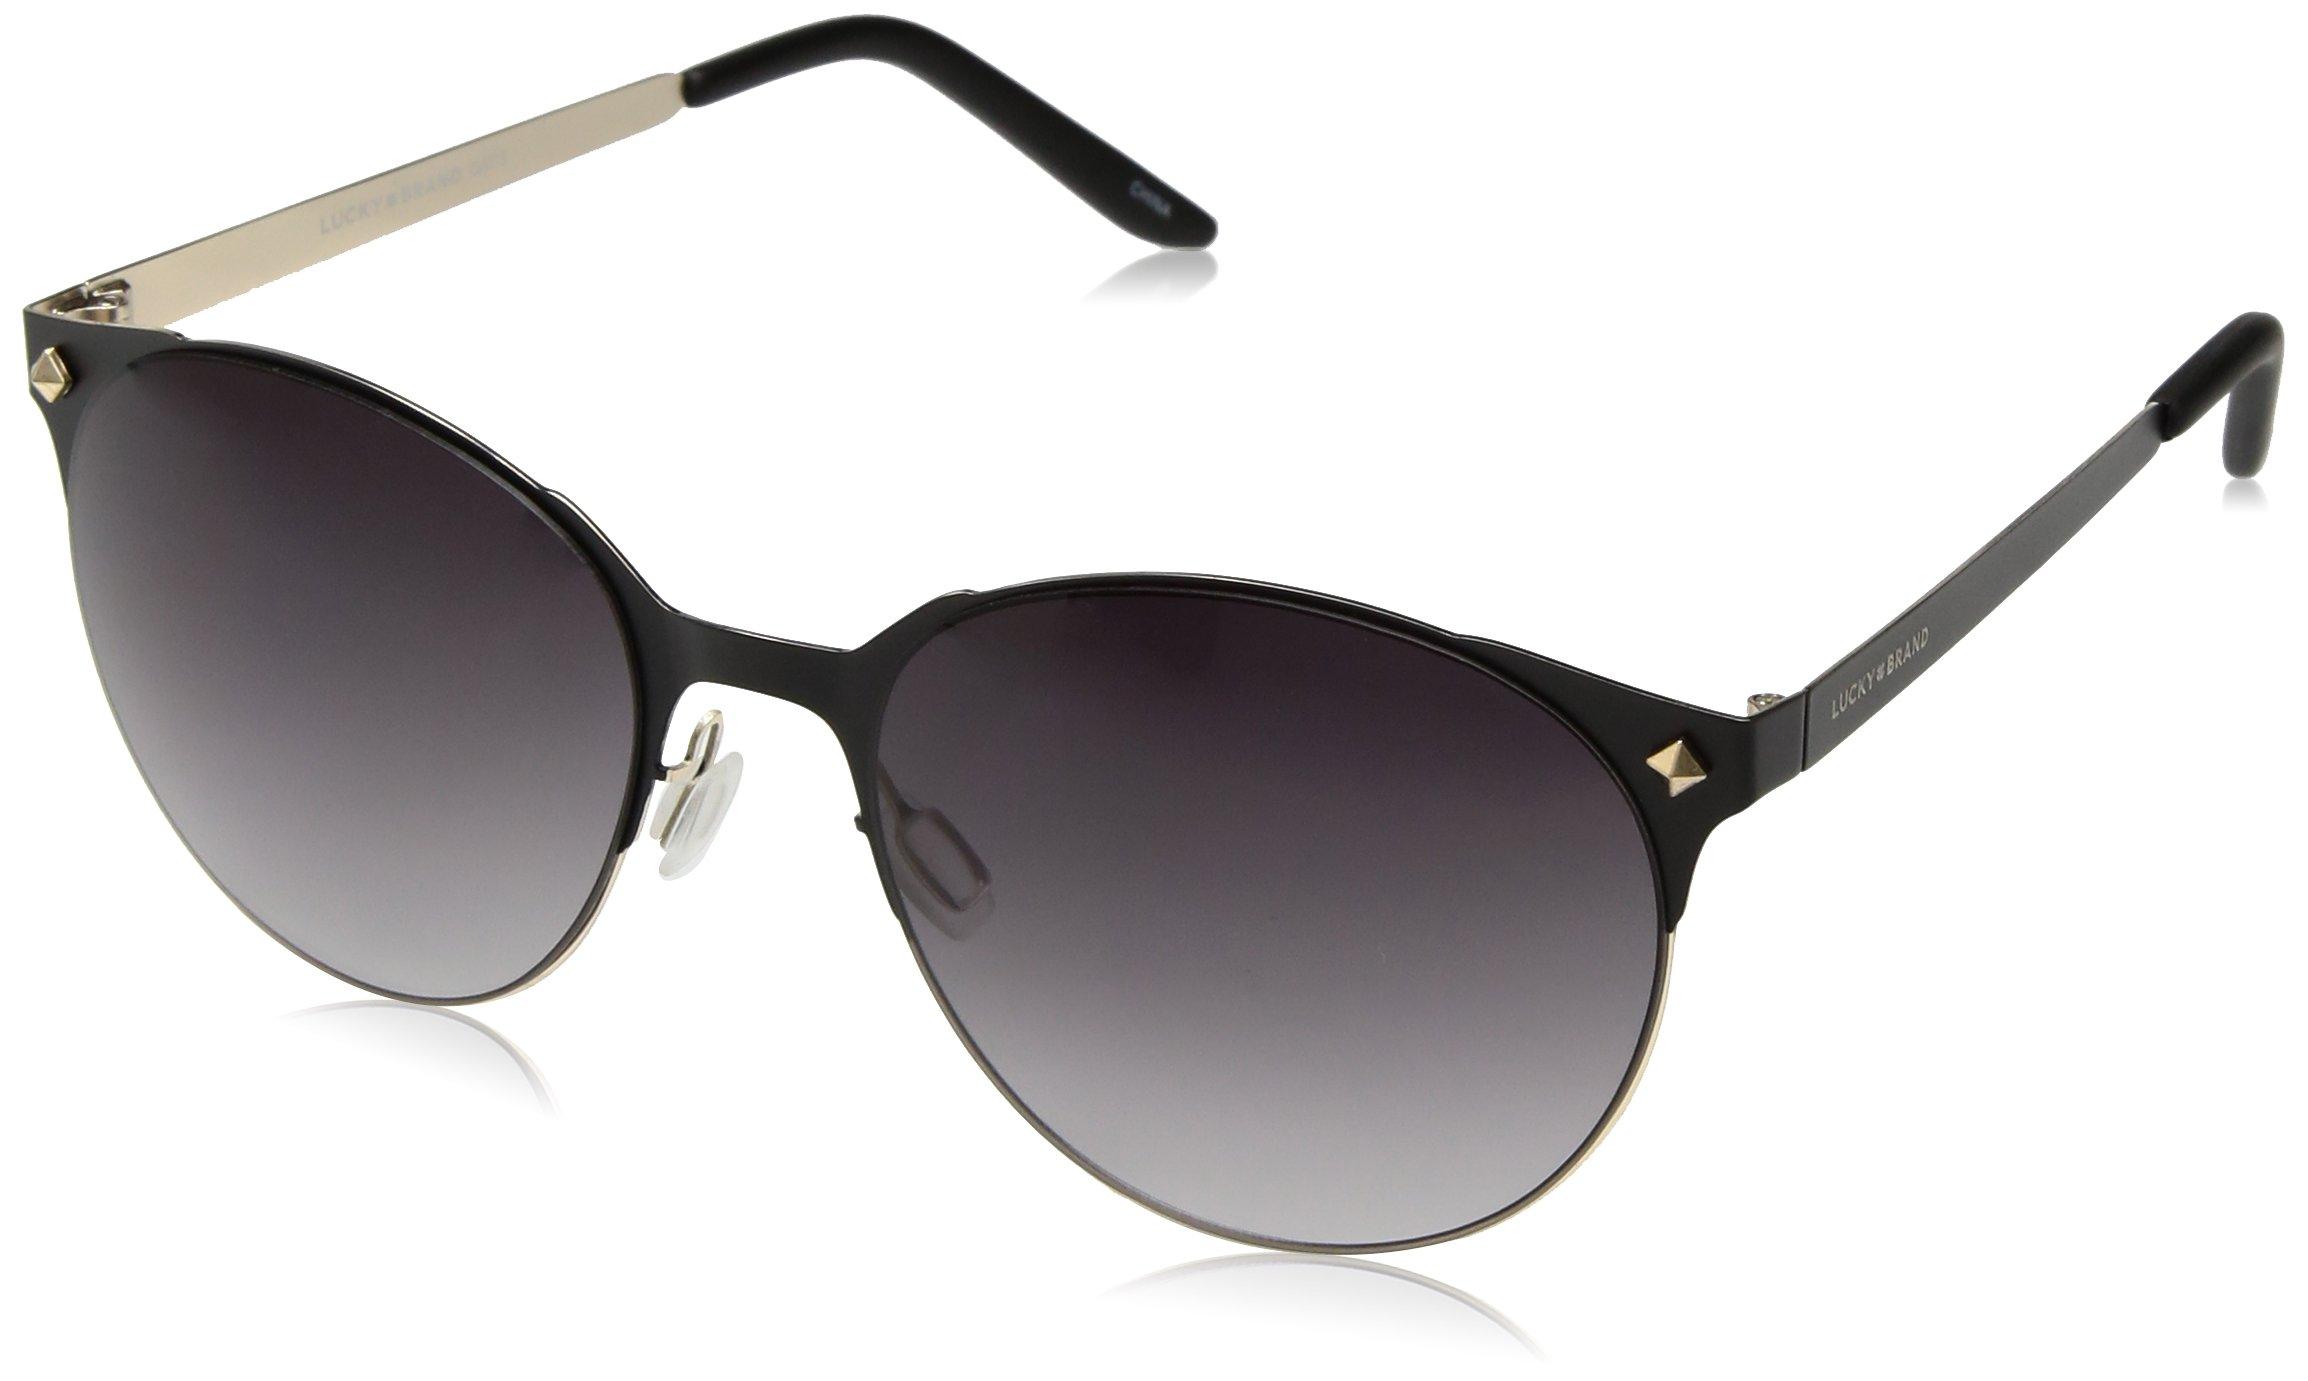 Lucky D925blg58 Round Sunglasses, Balck/Gold, 58 mm